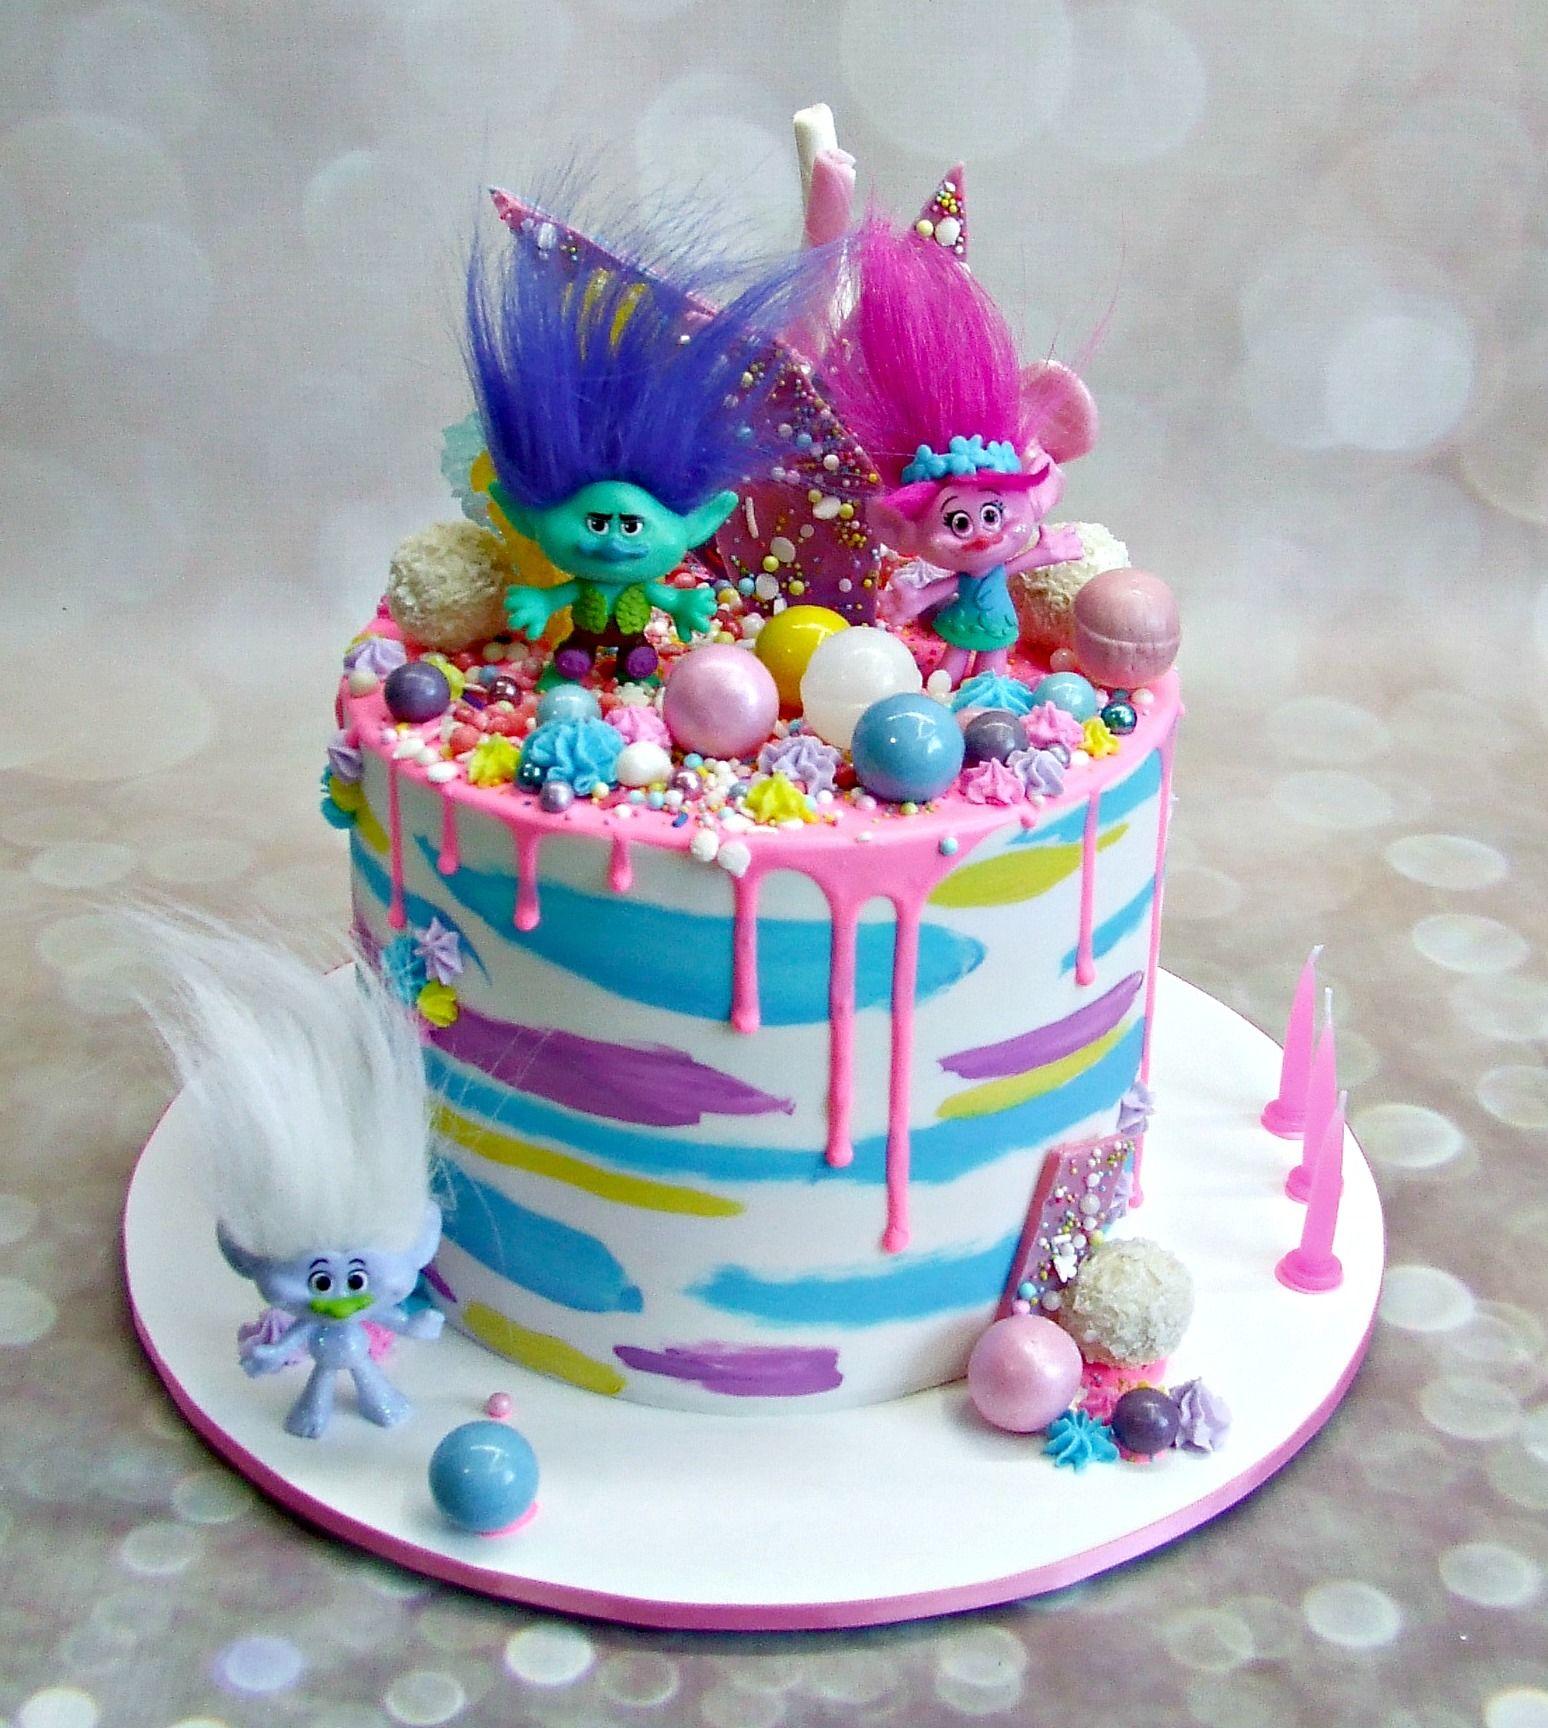 Poppy Rose Cake Design